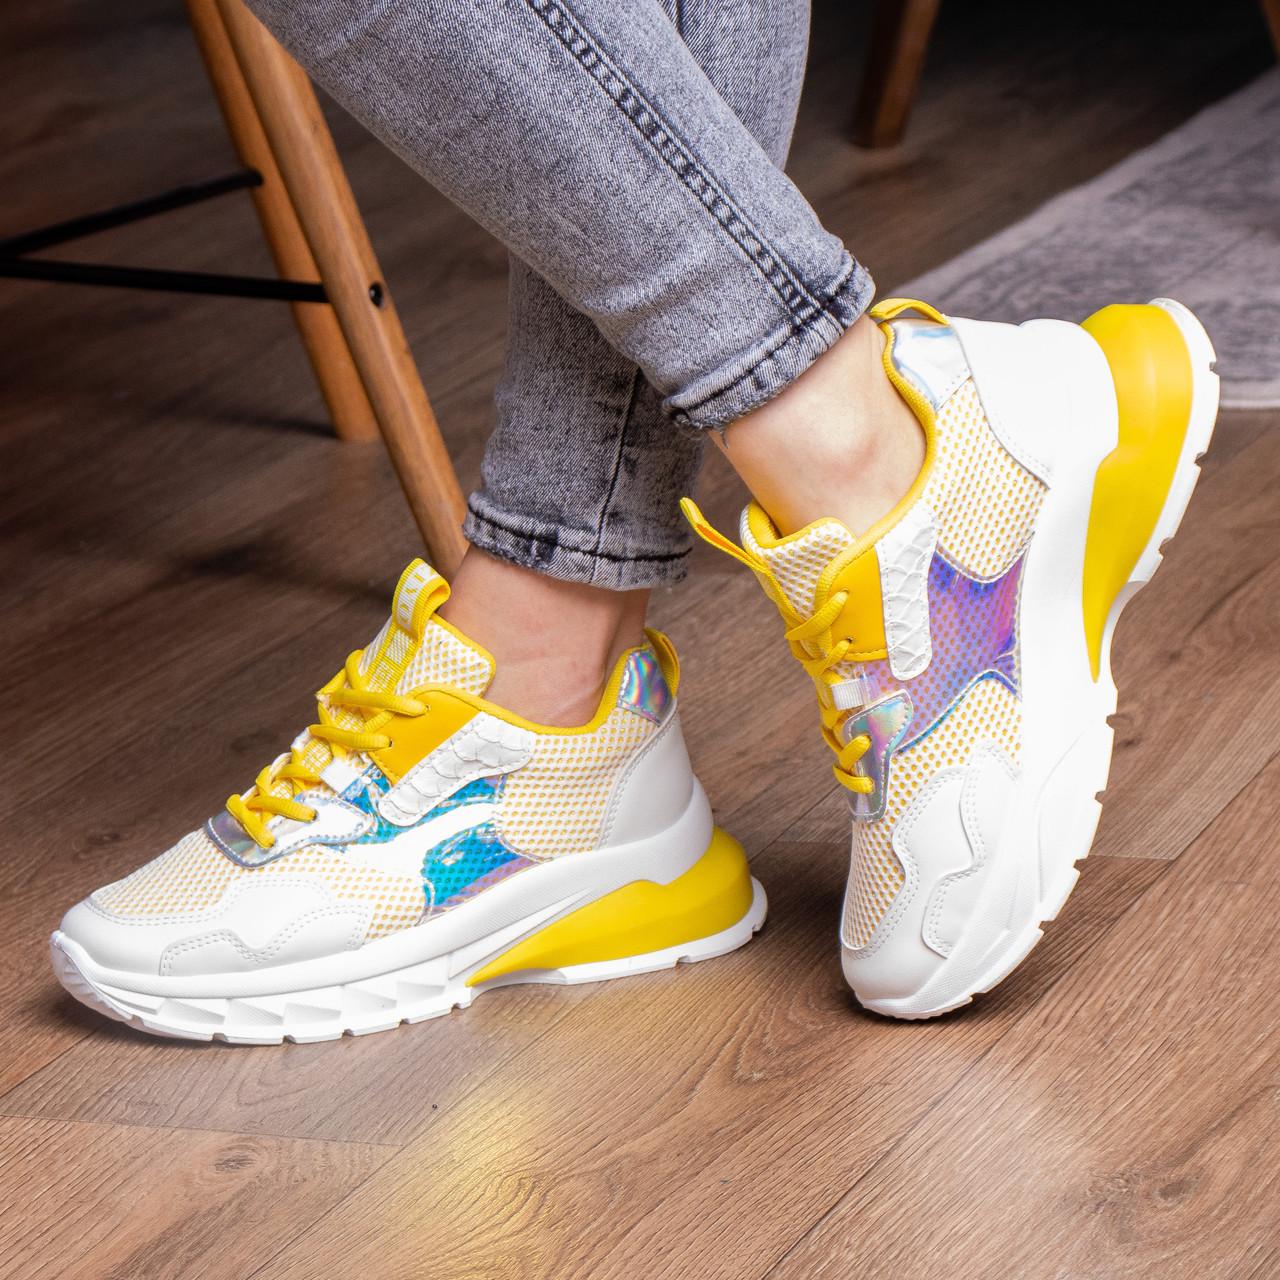 Кросівки жіночі Fashion Coojo 2237 36 розмір 23 см Білий